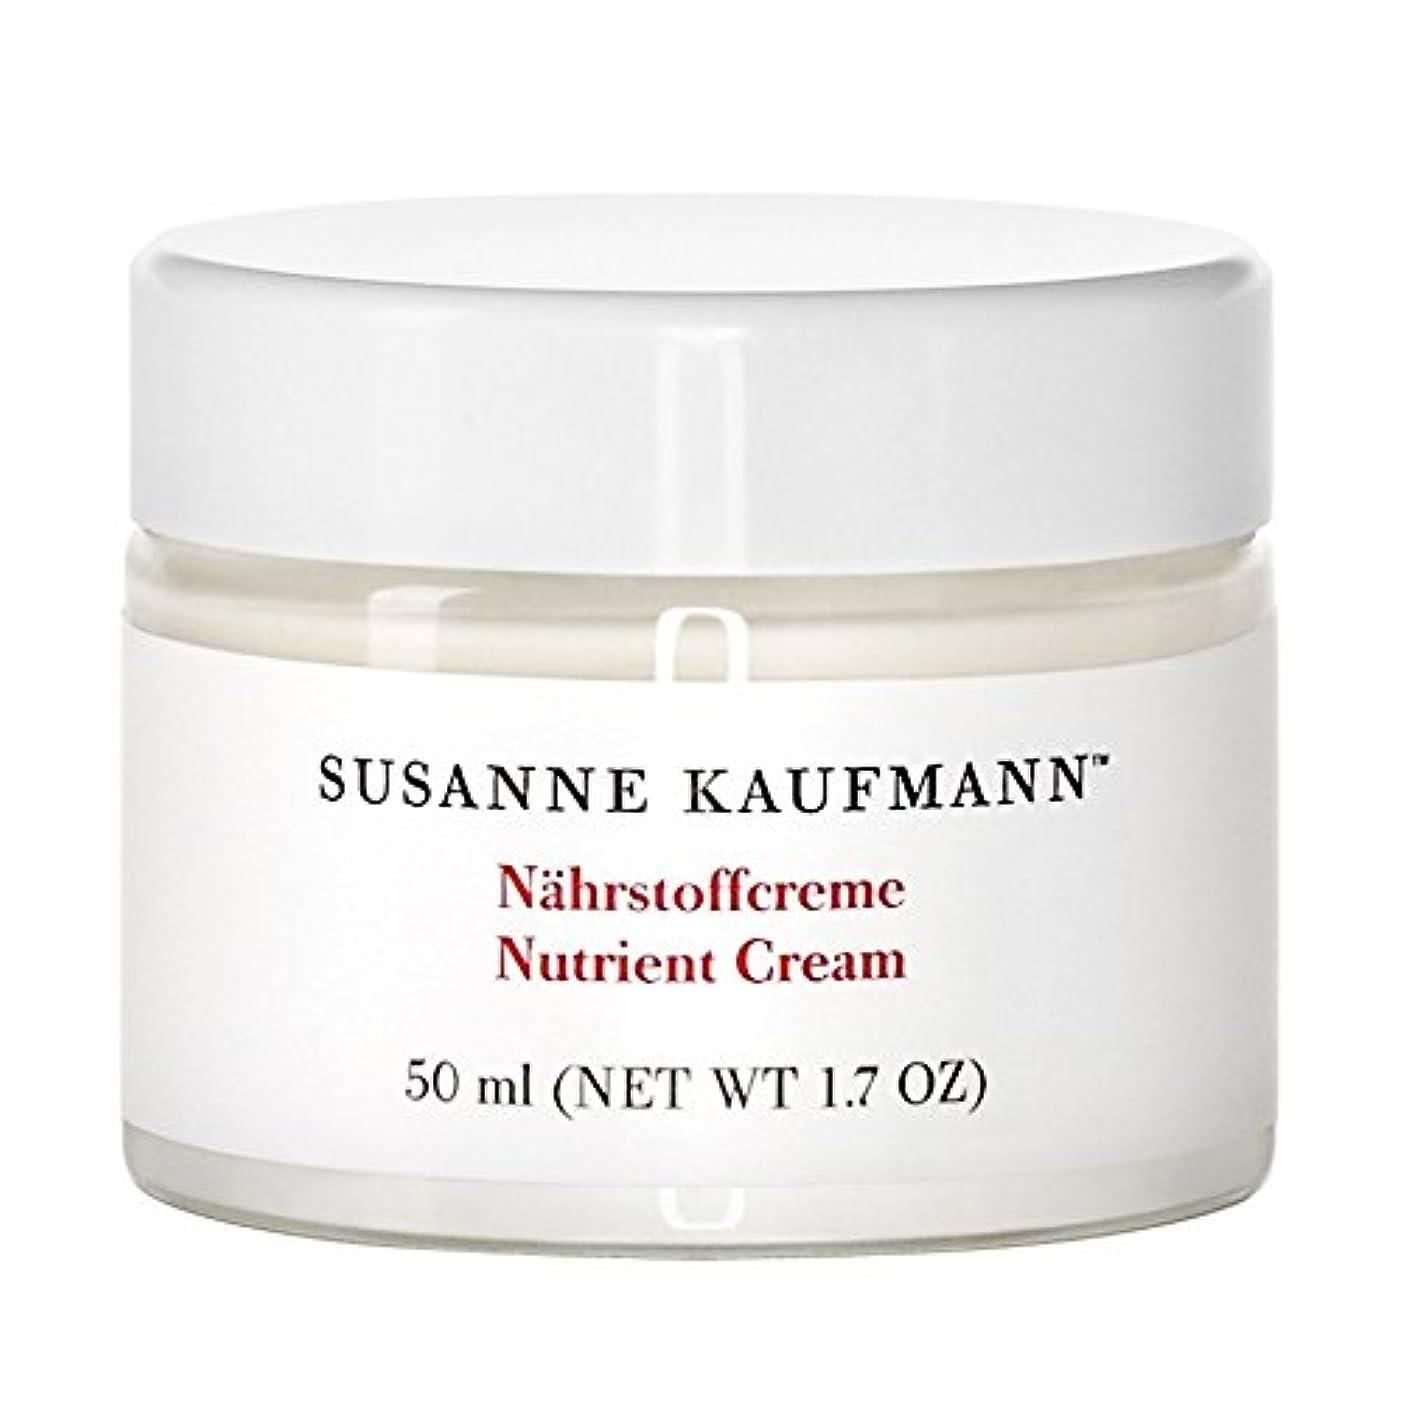 ジャンル日焼けかどうかSusanne Kaufmann Nutrient Cream 50ml - スザンヌカウフマン栄養クリーム50 [並行輸入品]